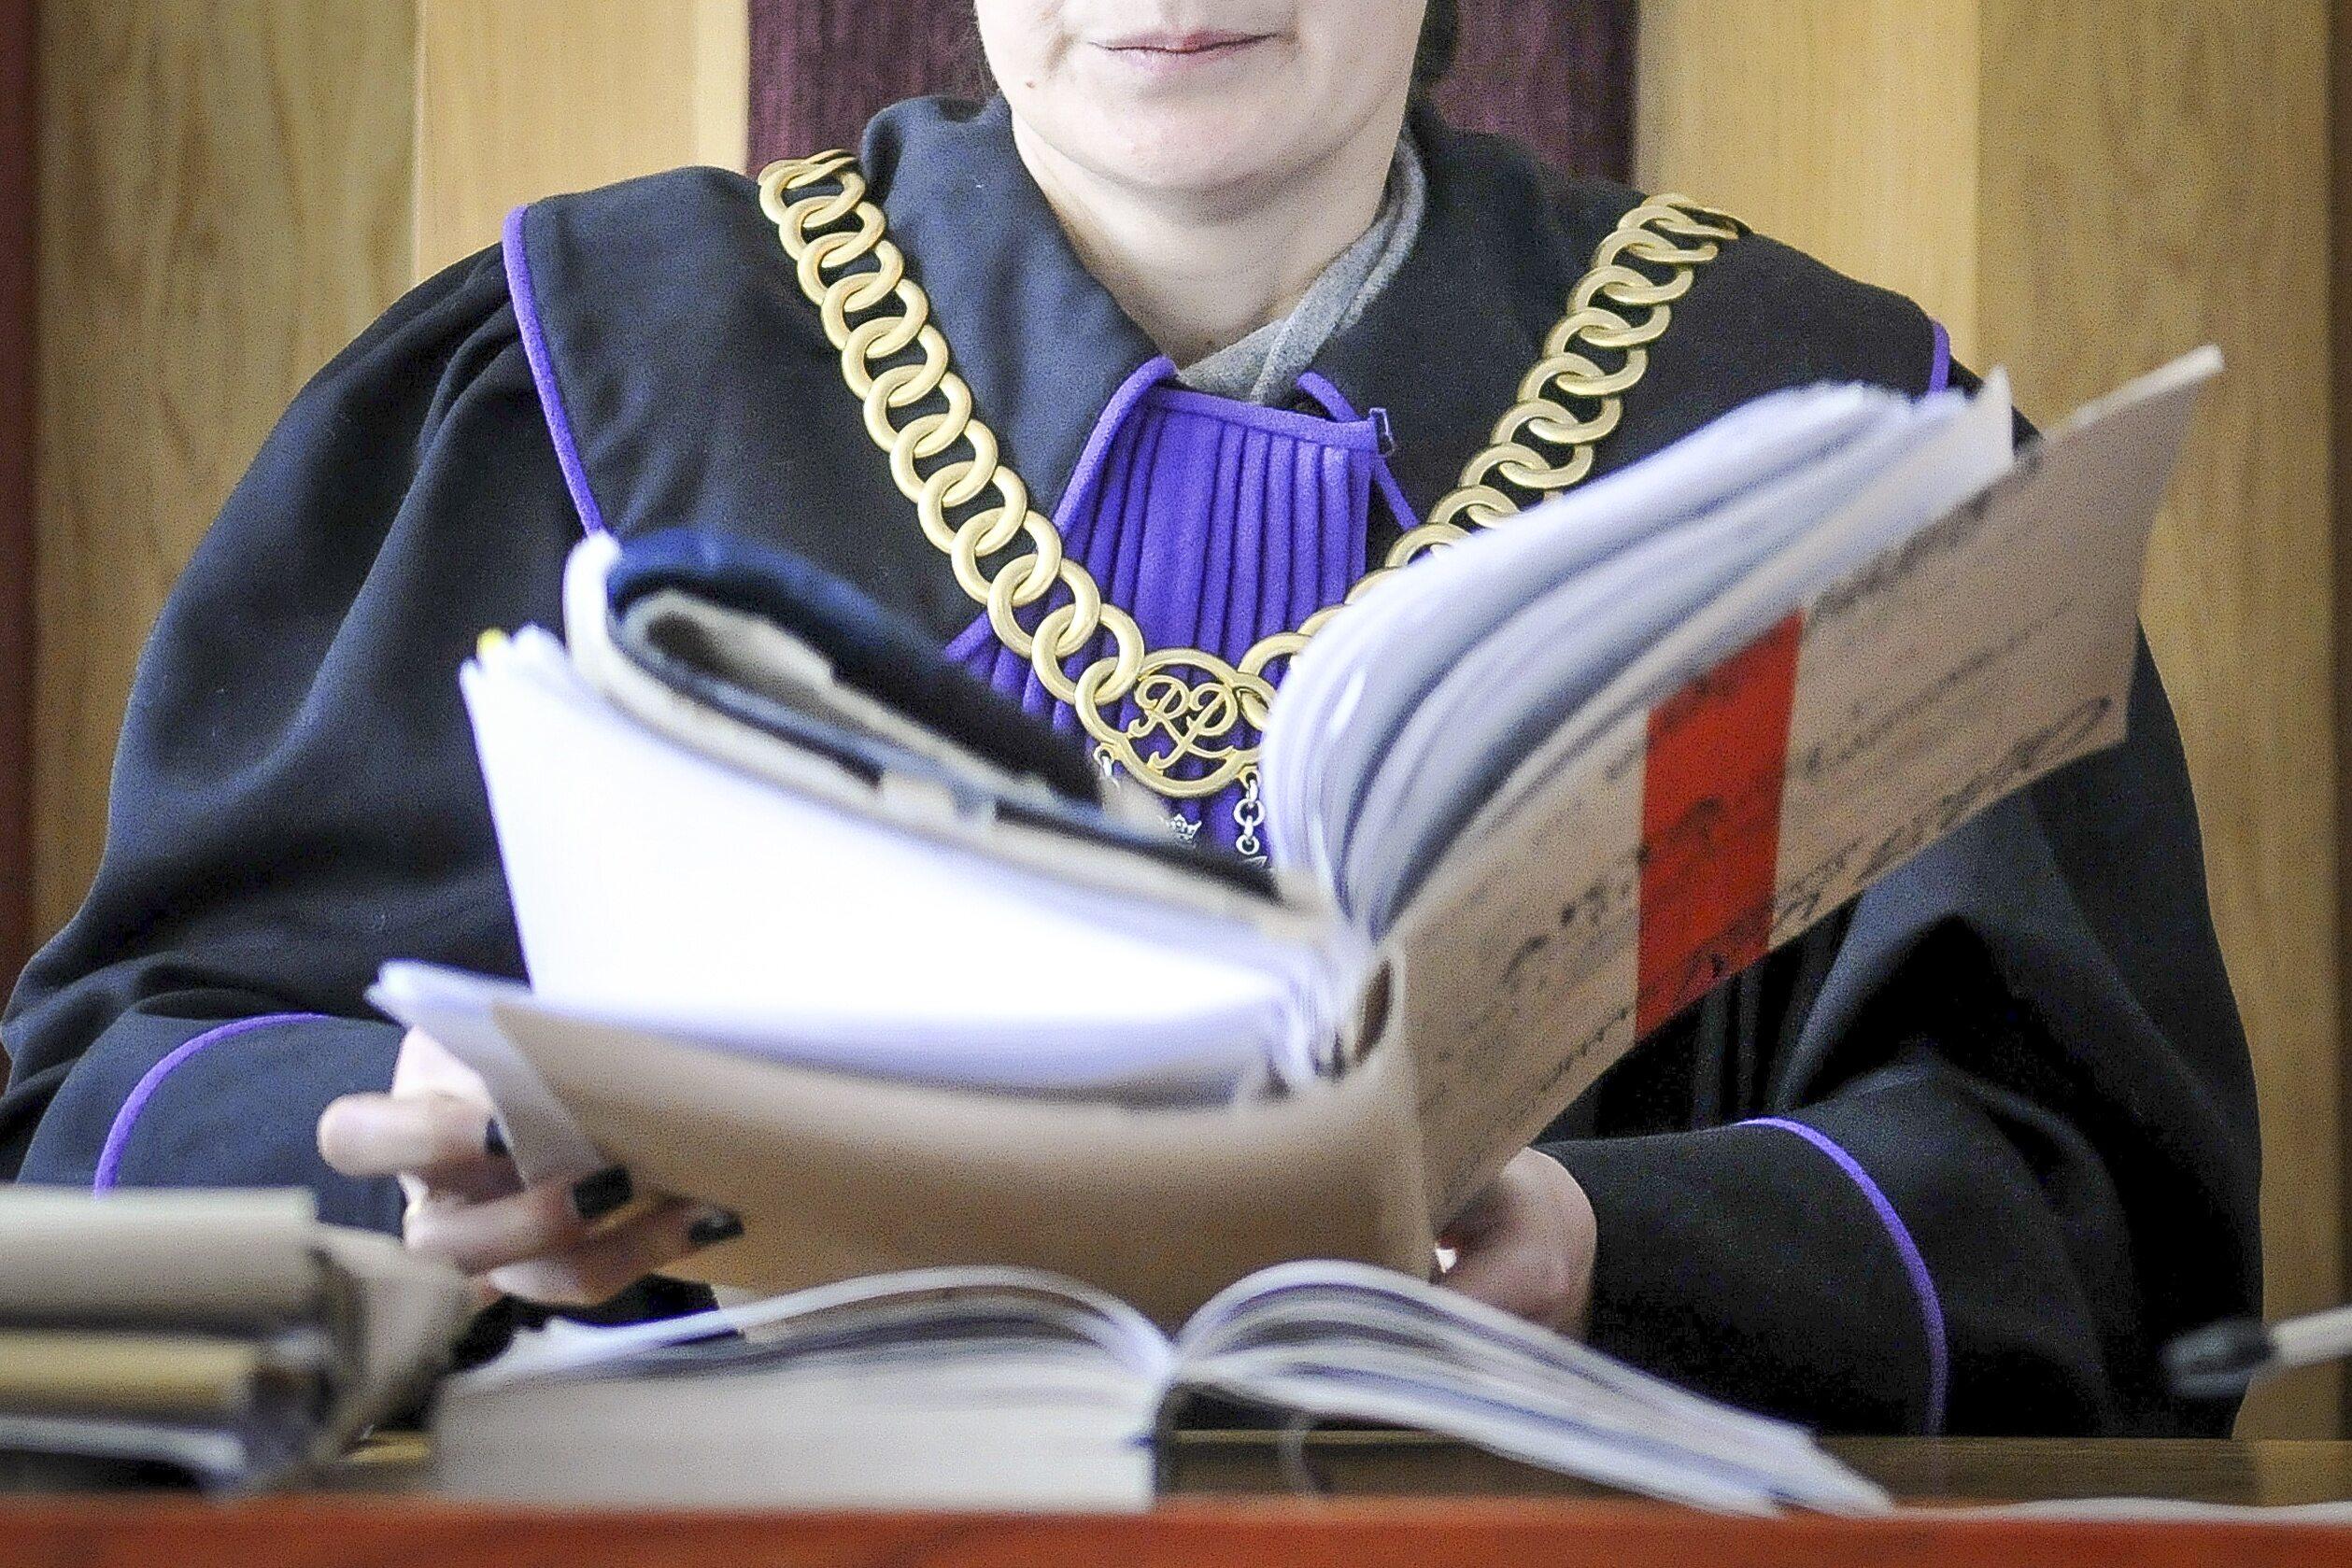 Sędzia, zdjęcie ilustracyjne